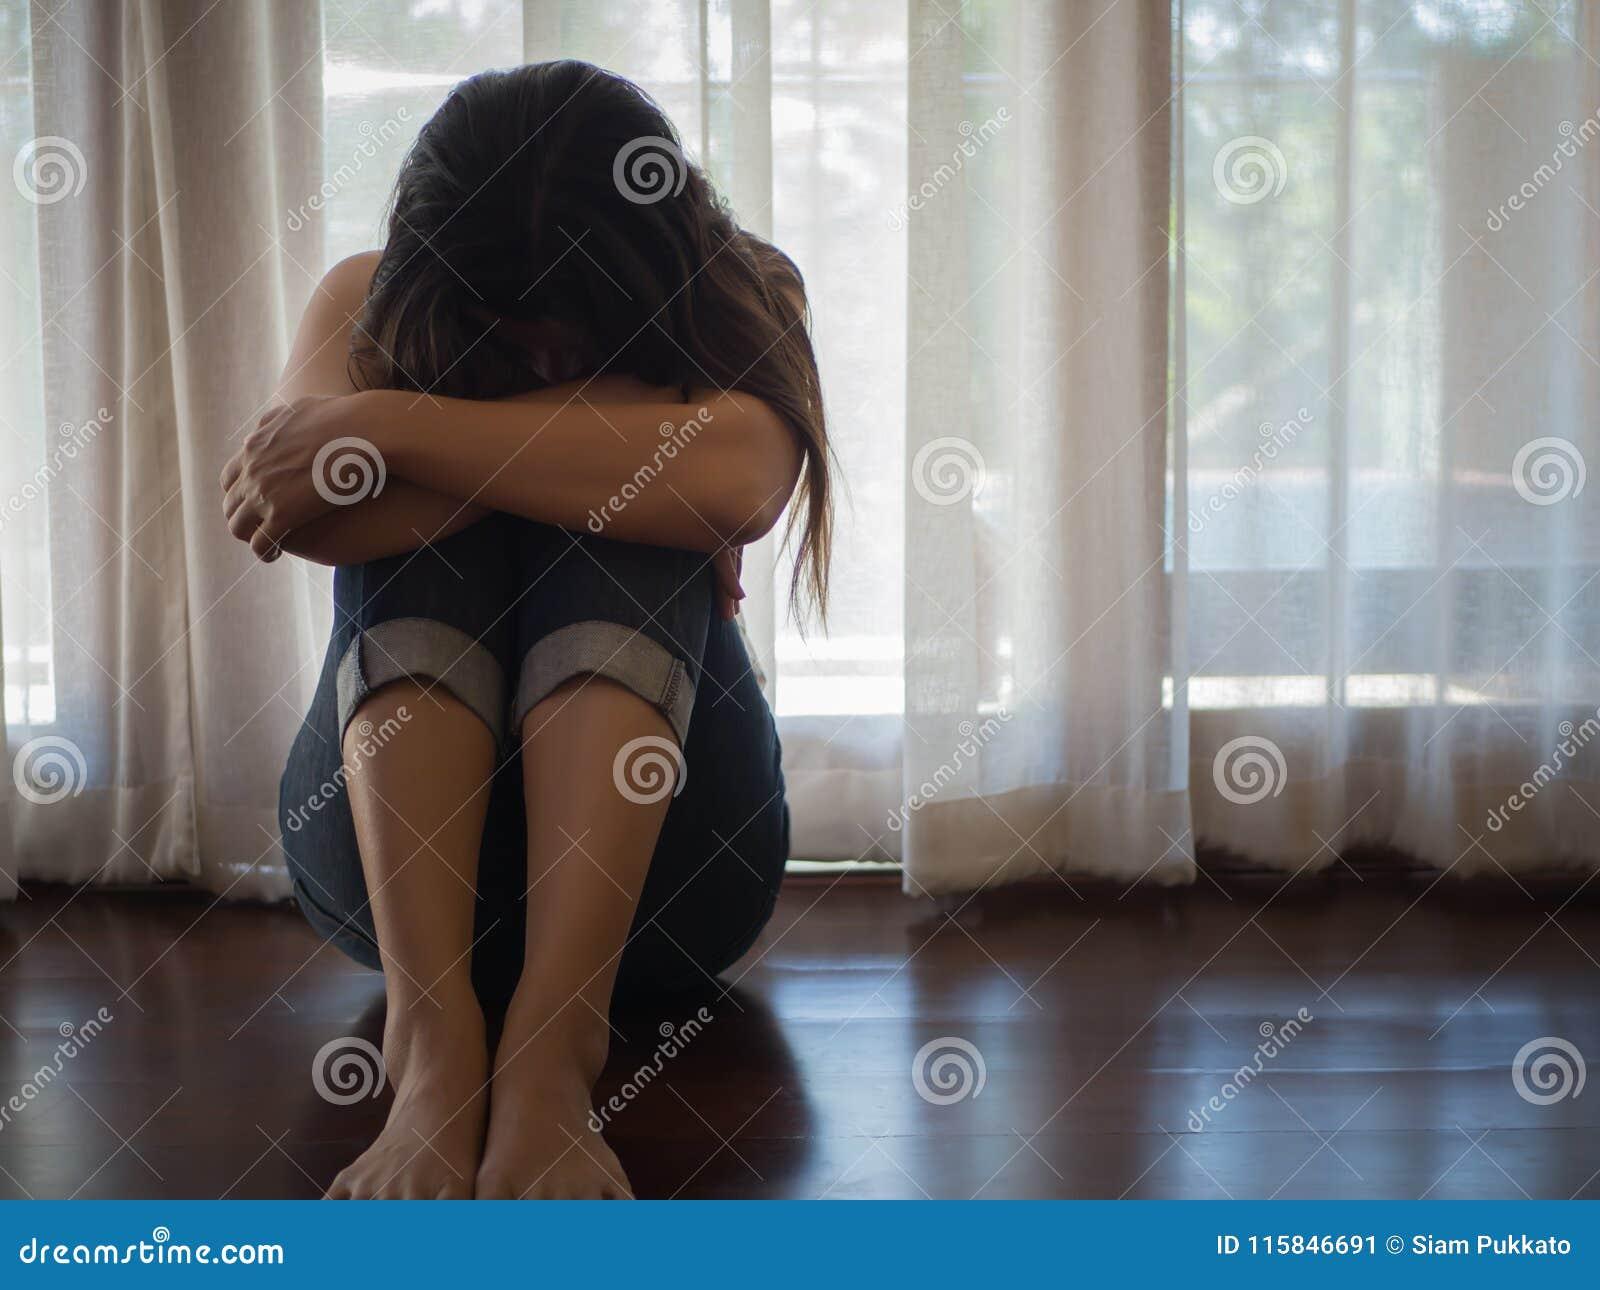 Λυπημένο και απελπισμένο αγκάλιασμα γυναικών το γόνατο και η κραυγή της καθμένος μόνο